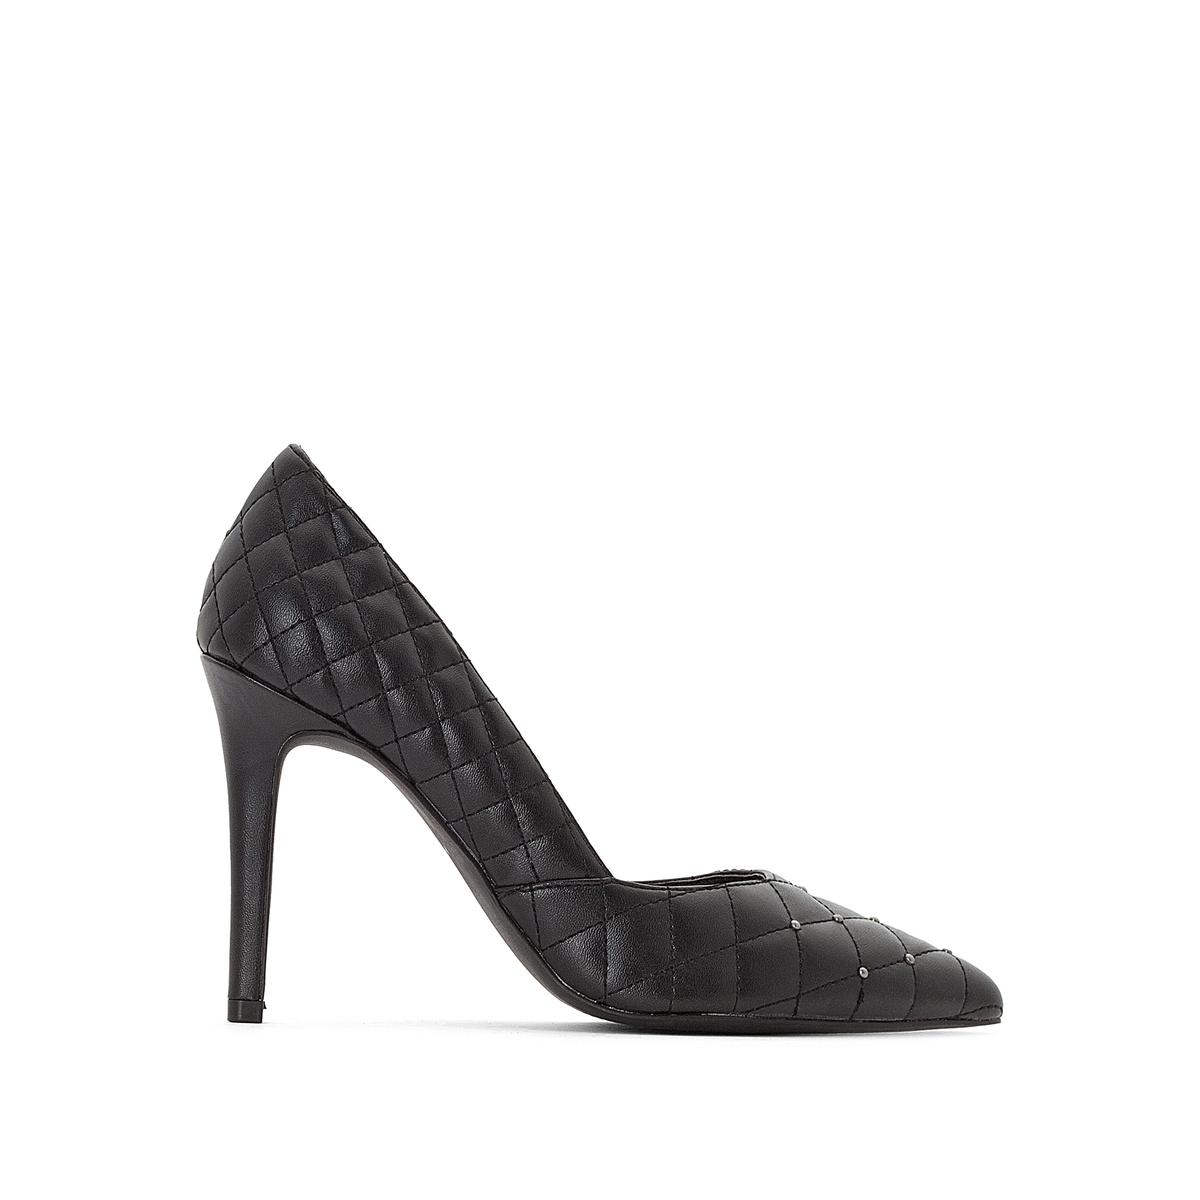 Туфли La Redoute Со стеганым эффектом с заклепками 37 черный ремень с эффектом ткани с заклепками